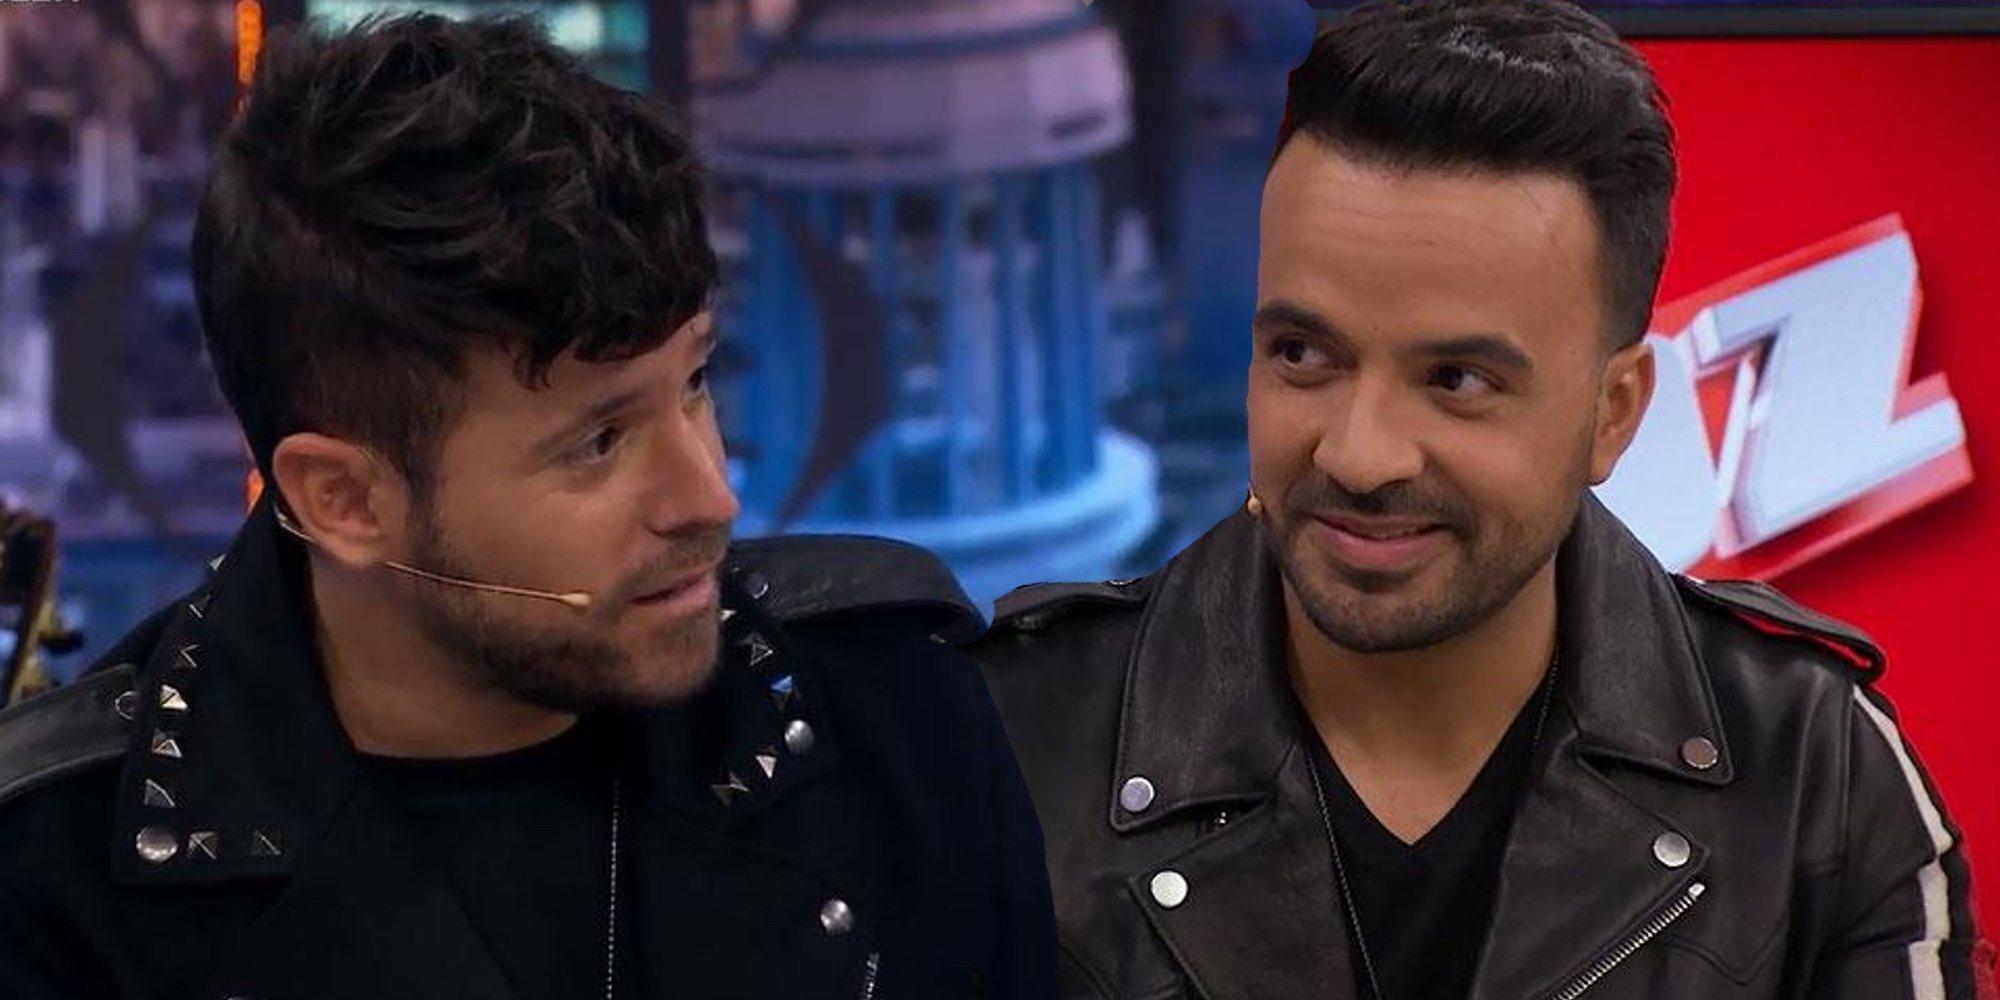 Pablo López lanza una pullita de lo más divertida a Luis Fonsi en 'El Hormiguero'